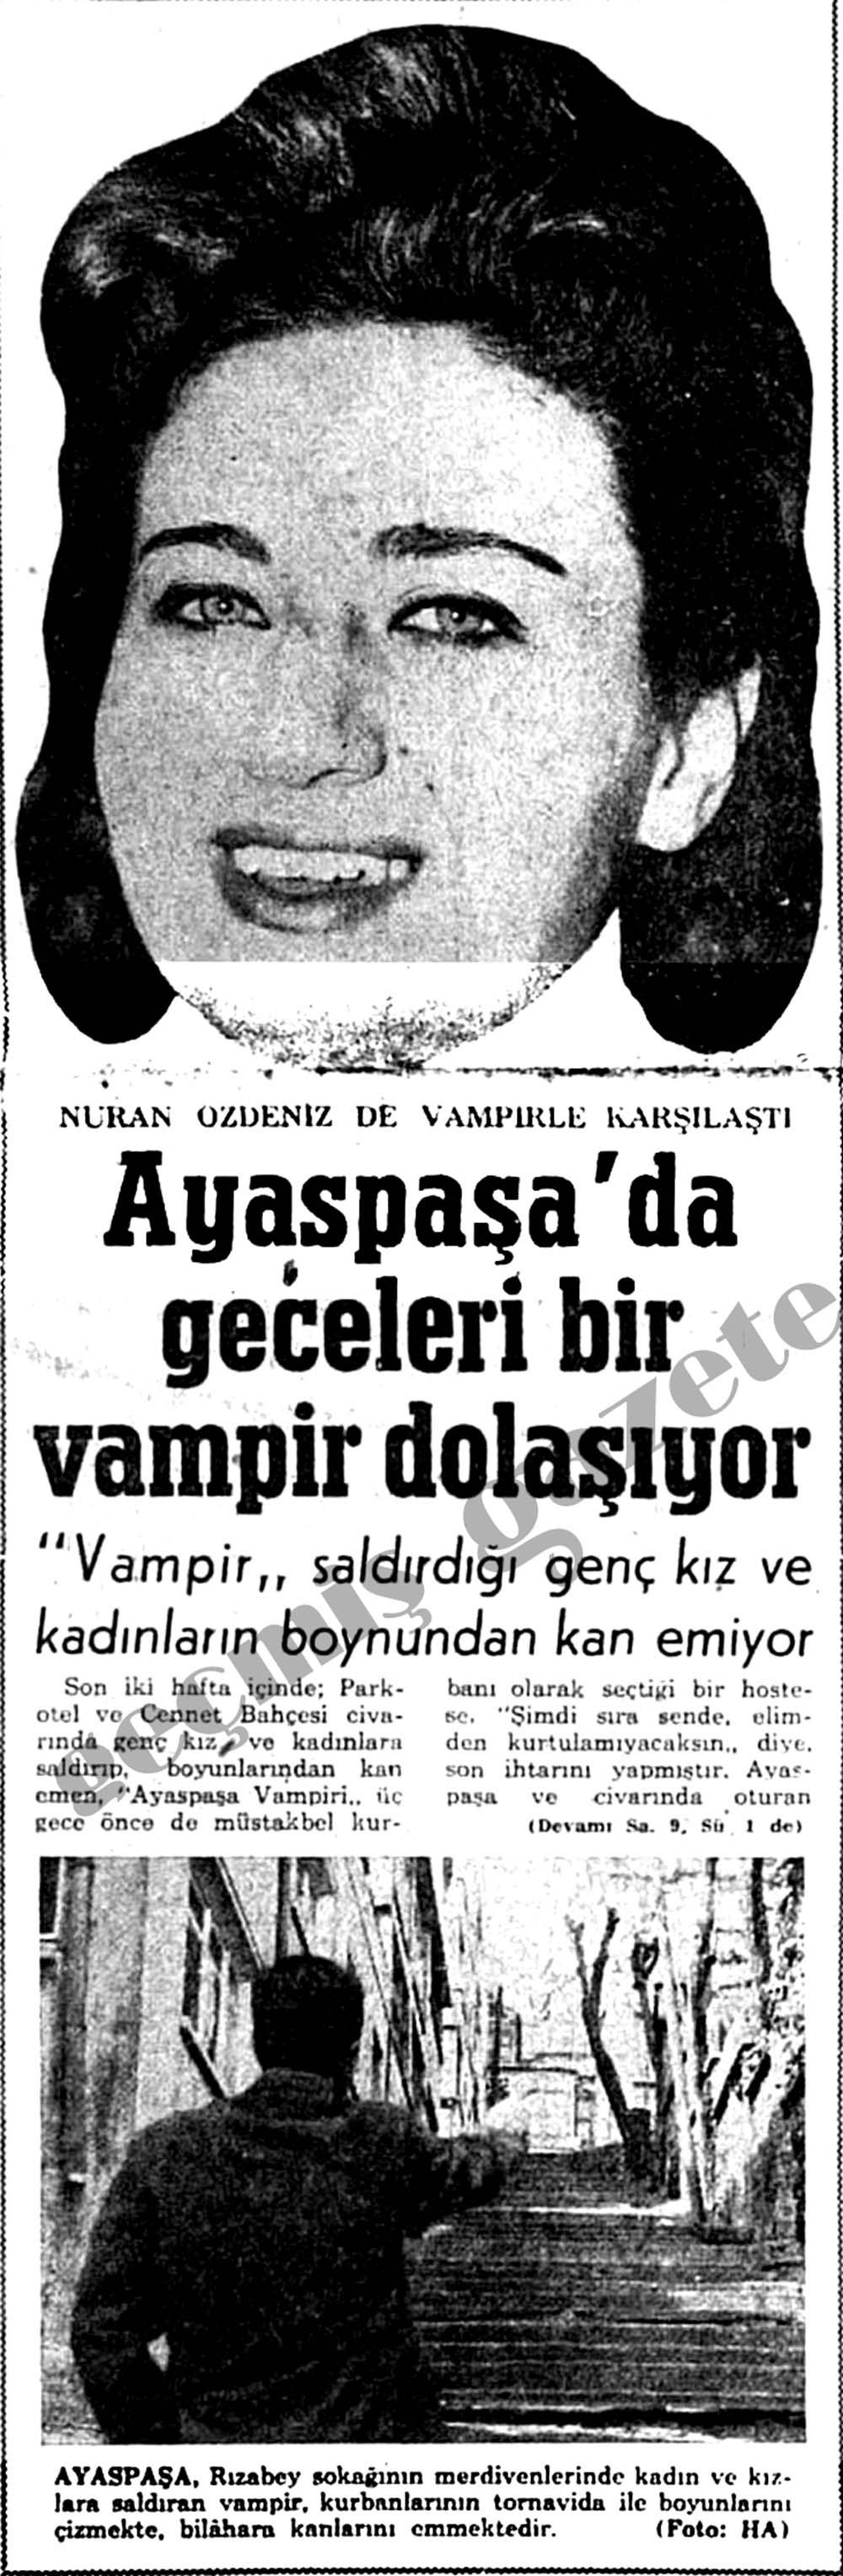 Ayaspaşa'da geceleri bir vampir dolaşıyor